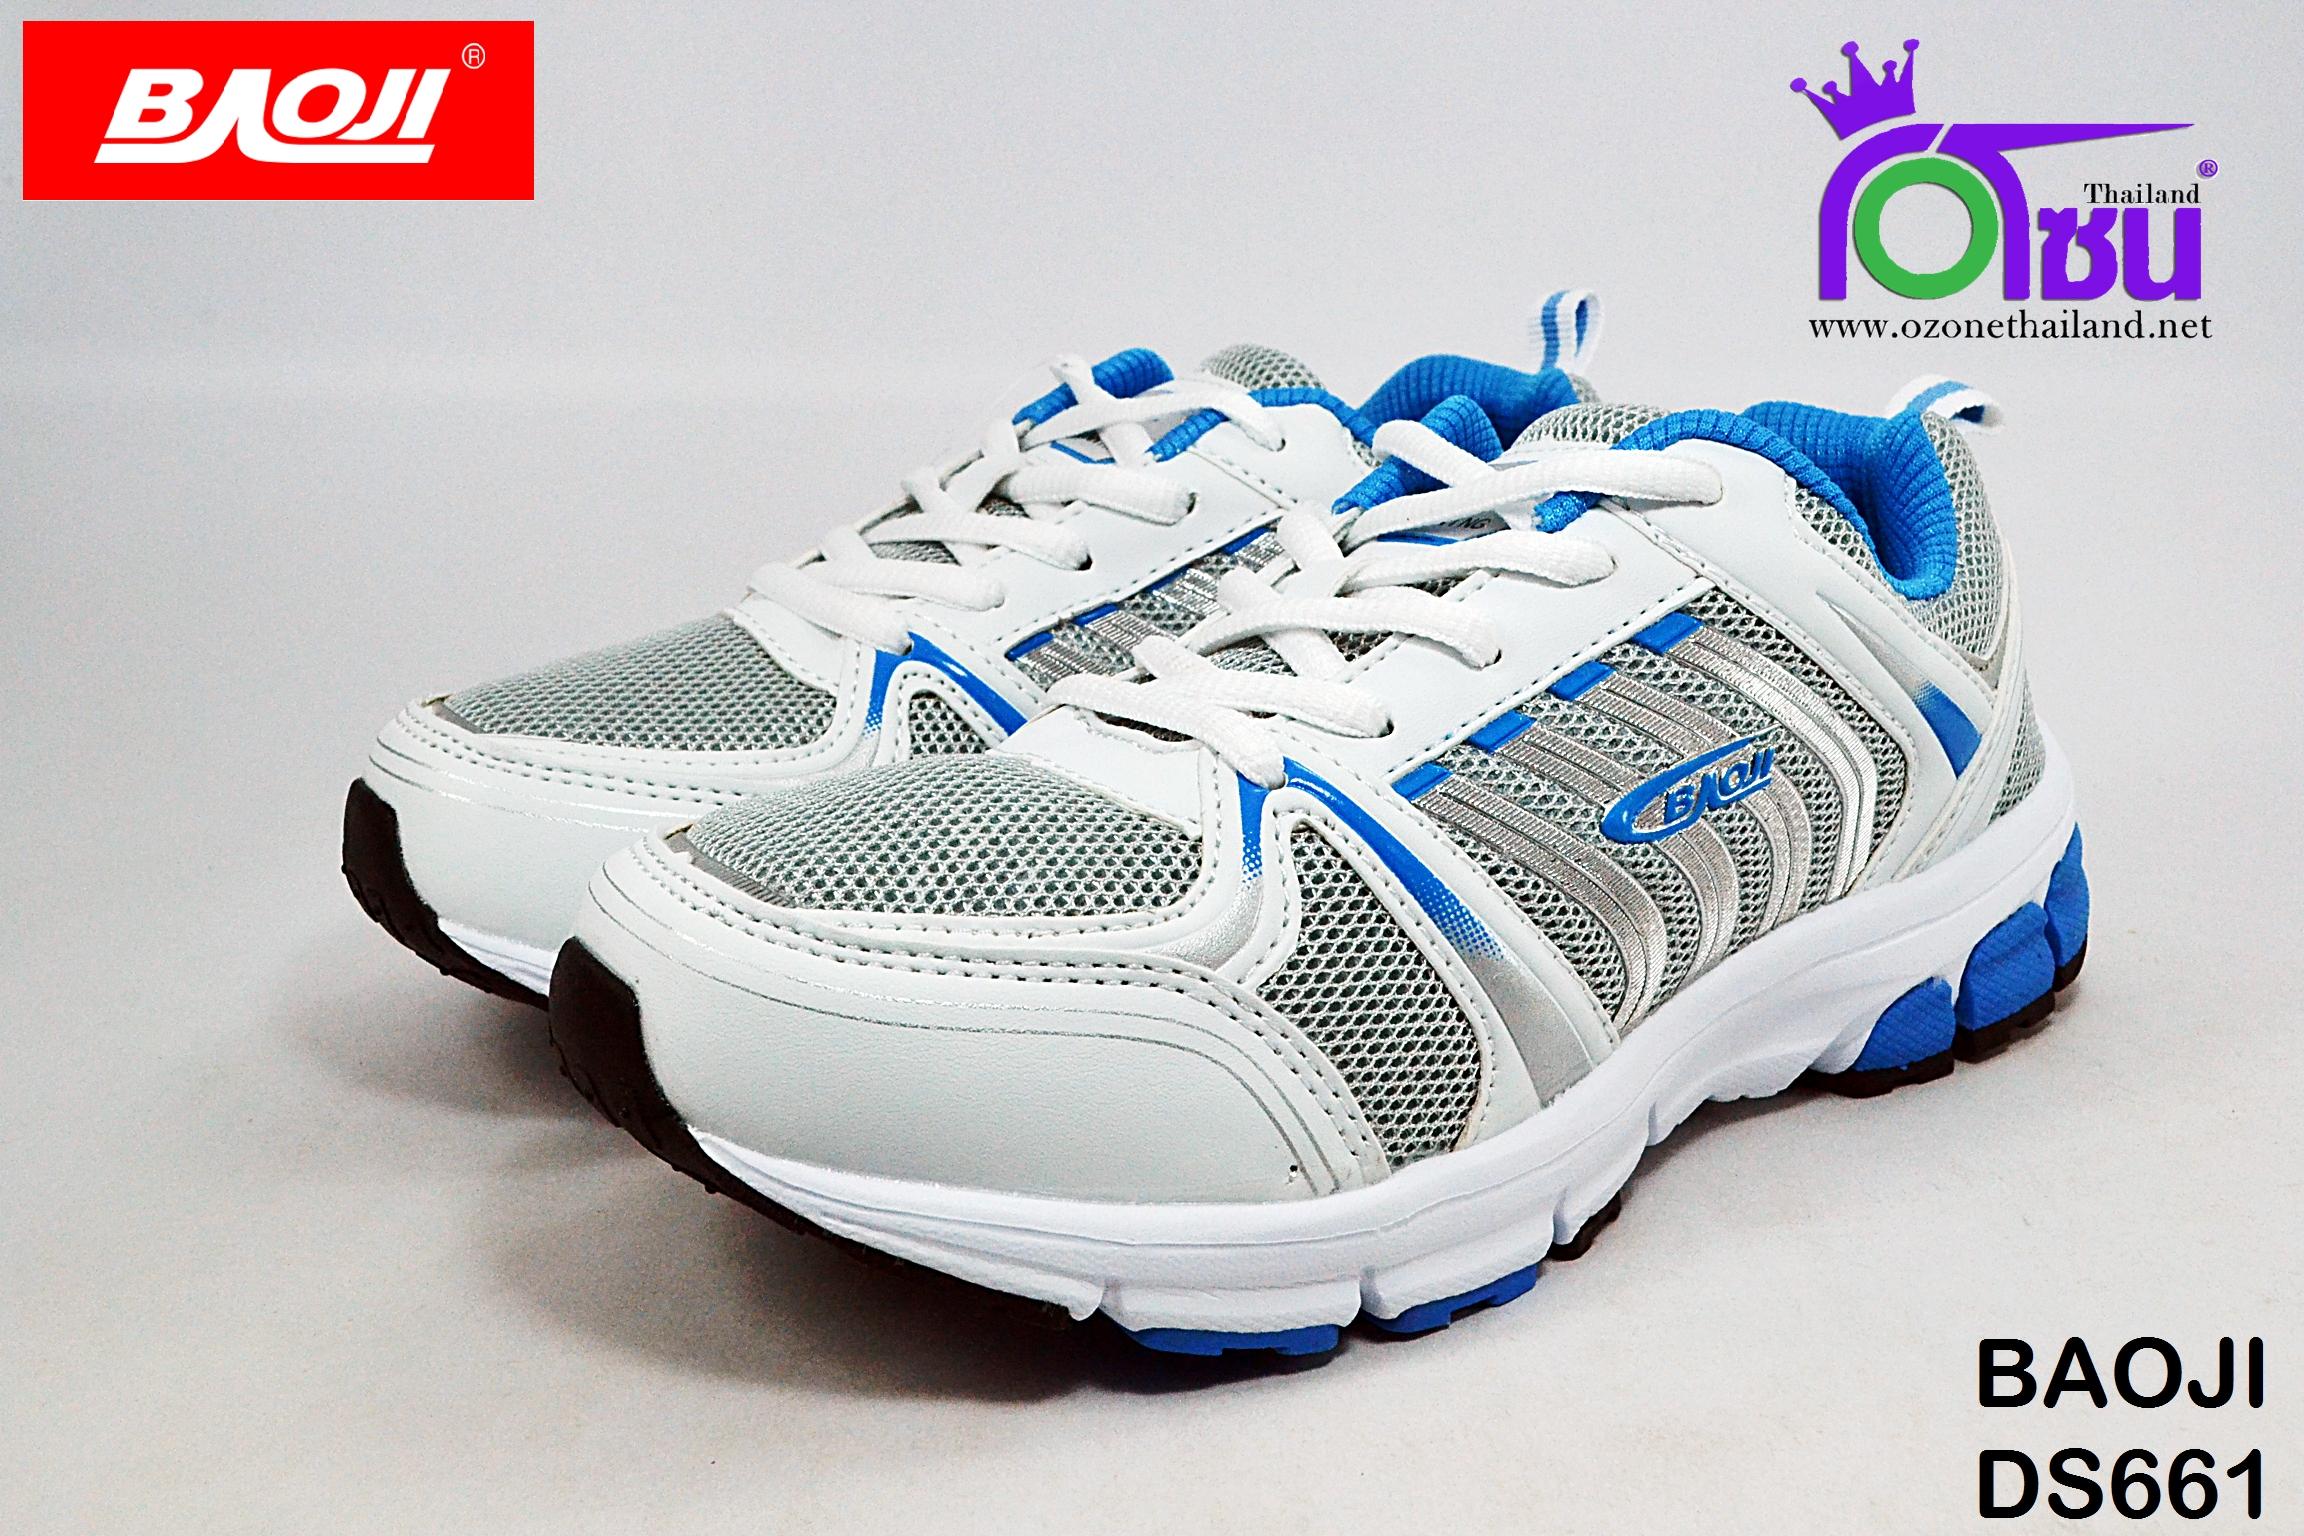 รองเท้าผ้าใบวิ่่ง BAOJI บาโอจิ รุ่นDS661 สีฟ้า เบอร์ 37-41